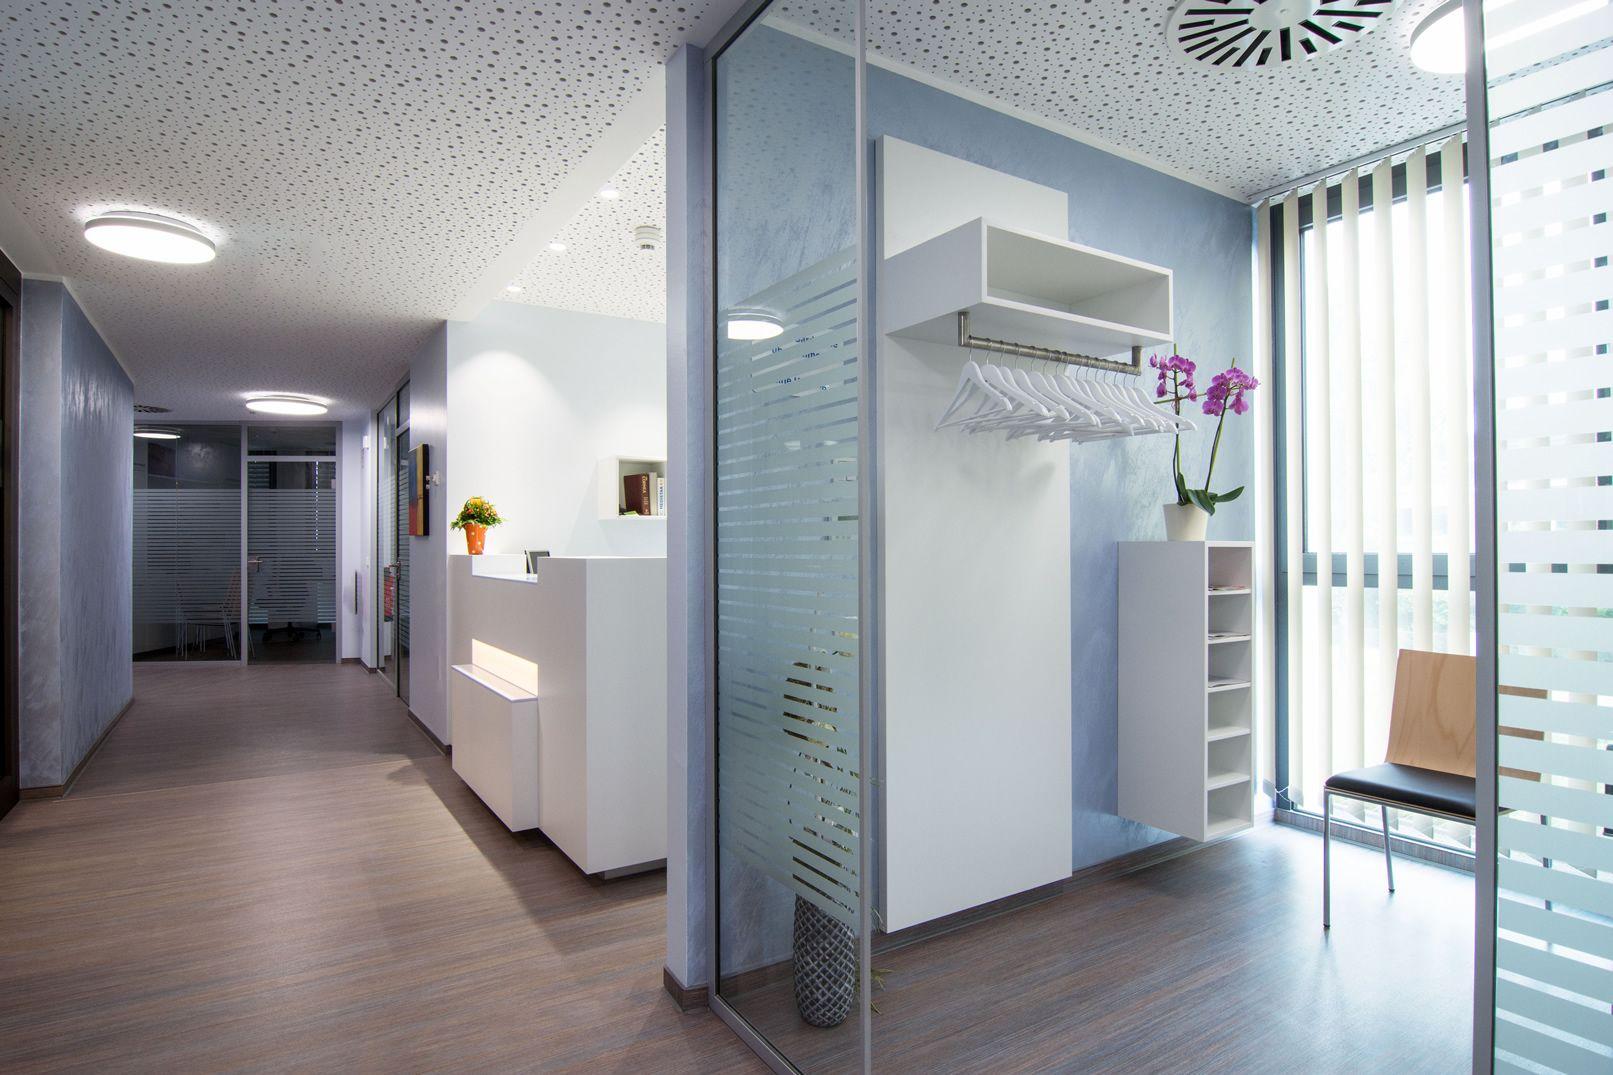 Augenarztpraxis bremen th ne innenarchitektur farbgestaltung arztpraxis pinterest - Innenarchitektur bremen ...